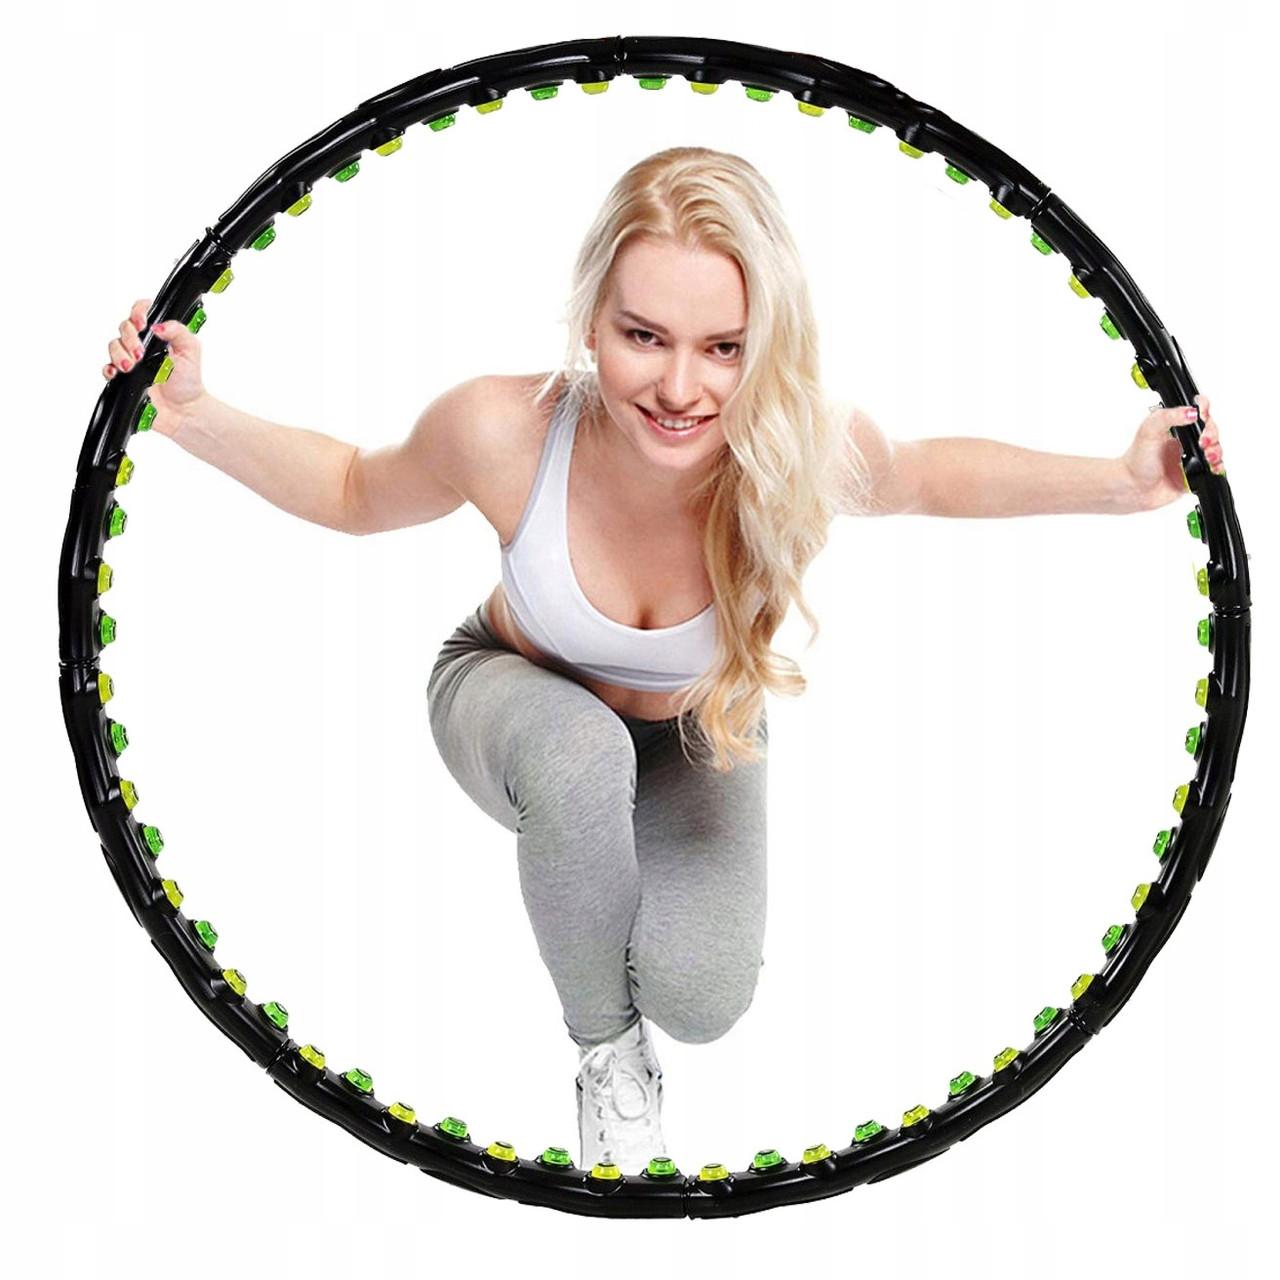 Обруч массажный для похудения с магнитами Springos Hula Hoop 100 см FA0096. Хулахуп, обруч для талии